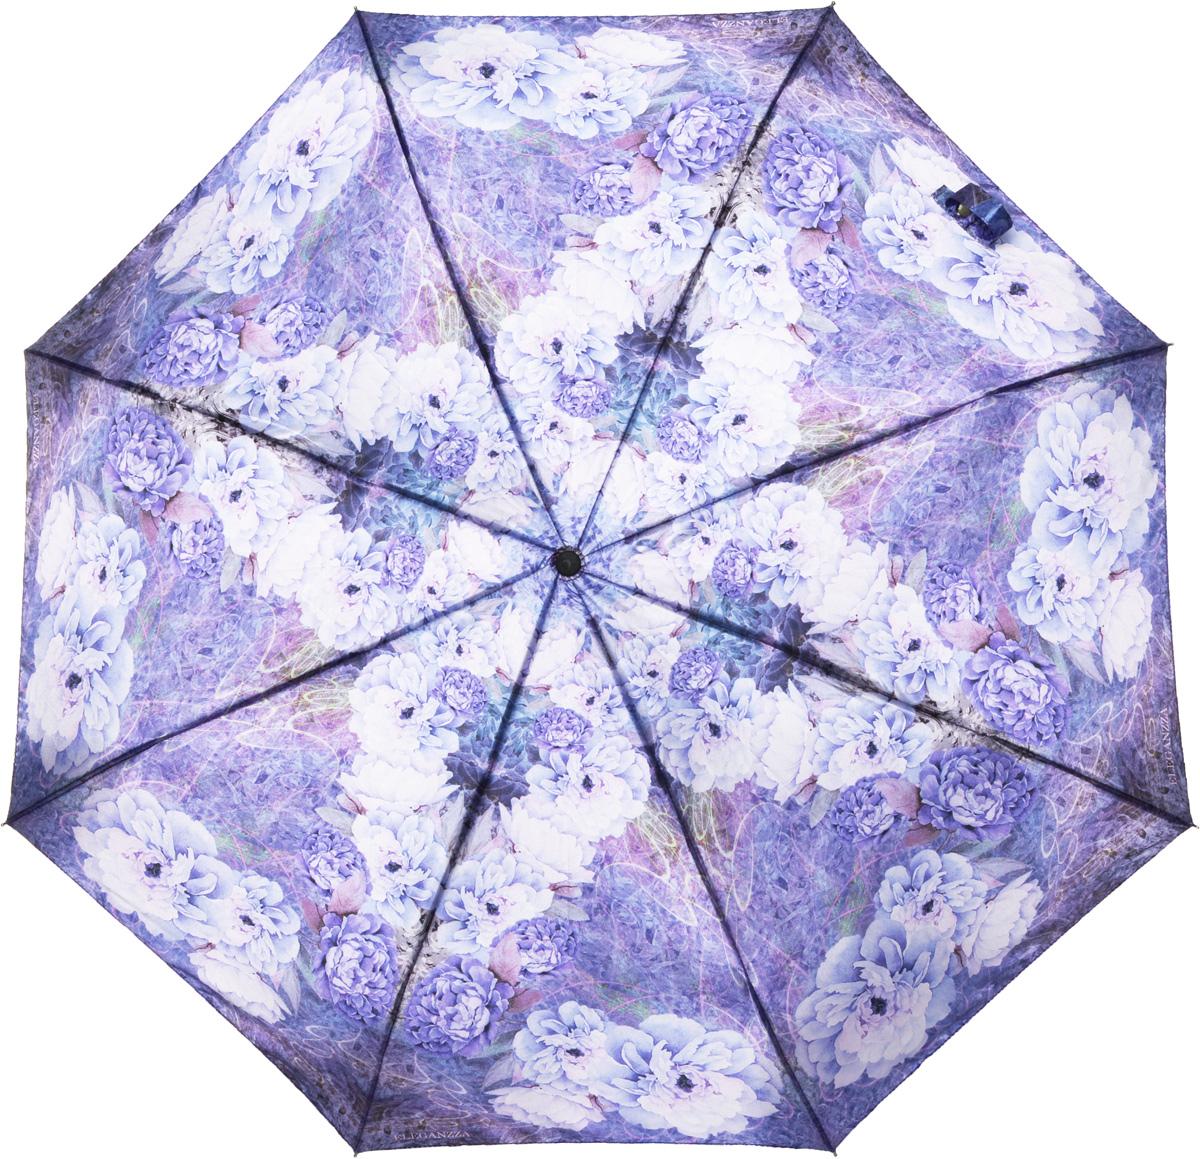 Зонт женский Eleganzza, автомат, 3 сложения, цвет: лиловый. A3-05-0291LSA3-05-0291LSЖенский зонт-автомат торговой марки ELEGANZZA с каркасом Smart, который позволяет без особых усилий складывать зонт, не позволяя стержню вылетать обратно. Купол: 100% полиэстер, сатин. Материал каркаса: сталь + алюминий + фибергласс. Материал ручки: пластик. Длина изделия - 30 см. Диаметр купола - 105 см. Система Smart, не позволяет стержню при сложении вылететь обратно, это облегчает сложение зонта! При сложении есть характерный звук-треск, как трещетка. Примечание: зонт не откроется с кнопки если его не закрыть до щелчка!